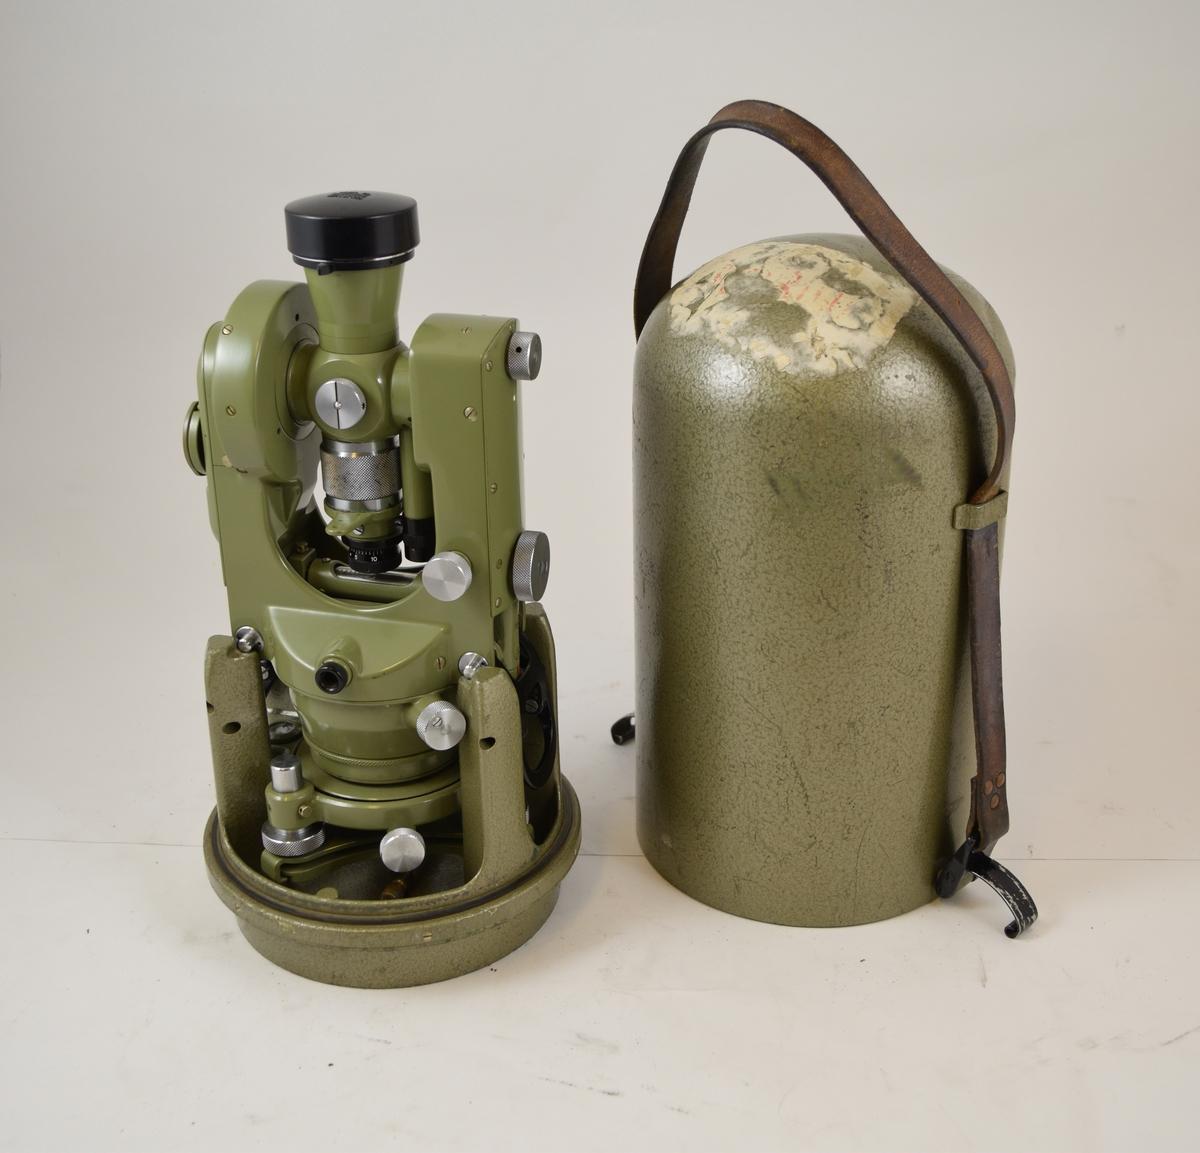 Landmålingskikkert/teodolitt brukes til å måle nivå/høydeforskjeller i terreng. Instrumentet har tilhørende lokk/beskyttelseskapsel i metall med bærereimreim.